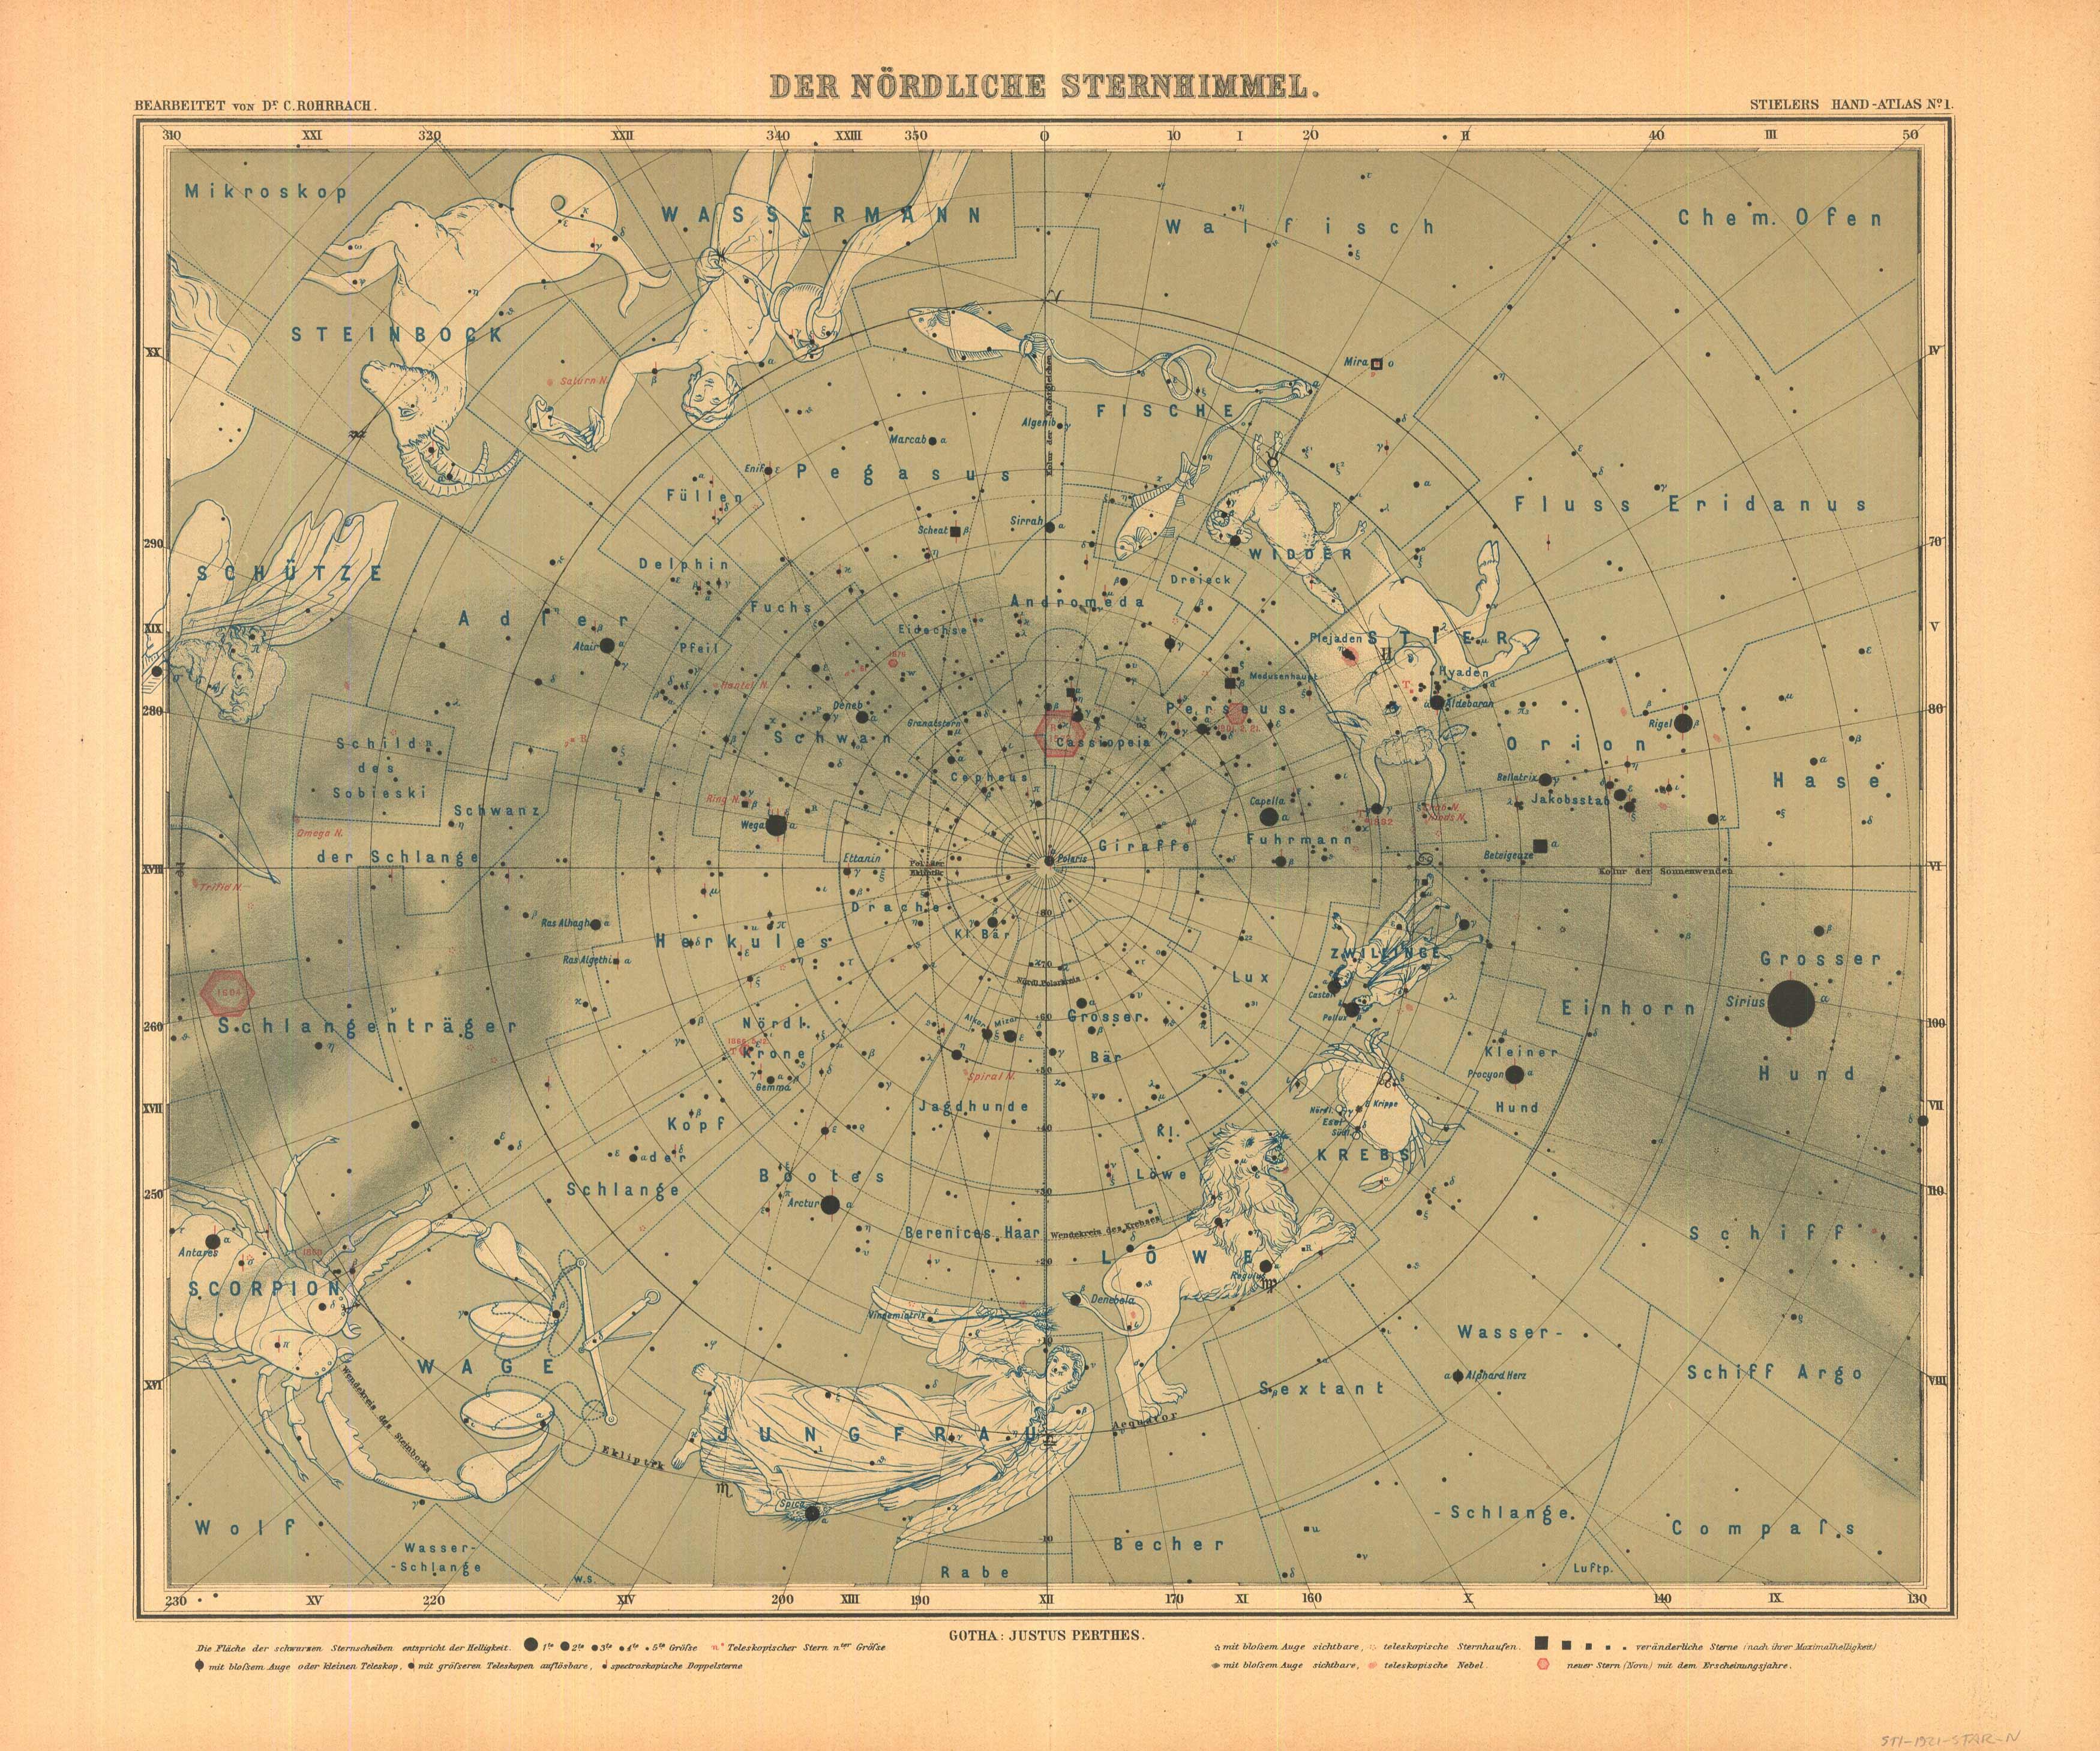 Der Noerdliche Starnhimmel (The Northern Star Sky)